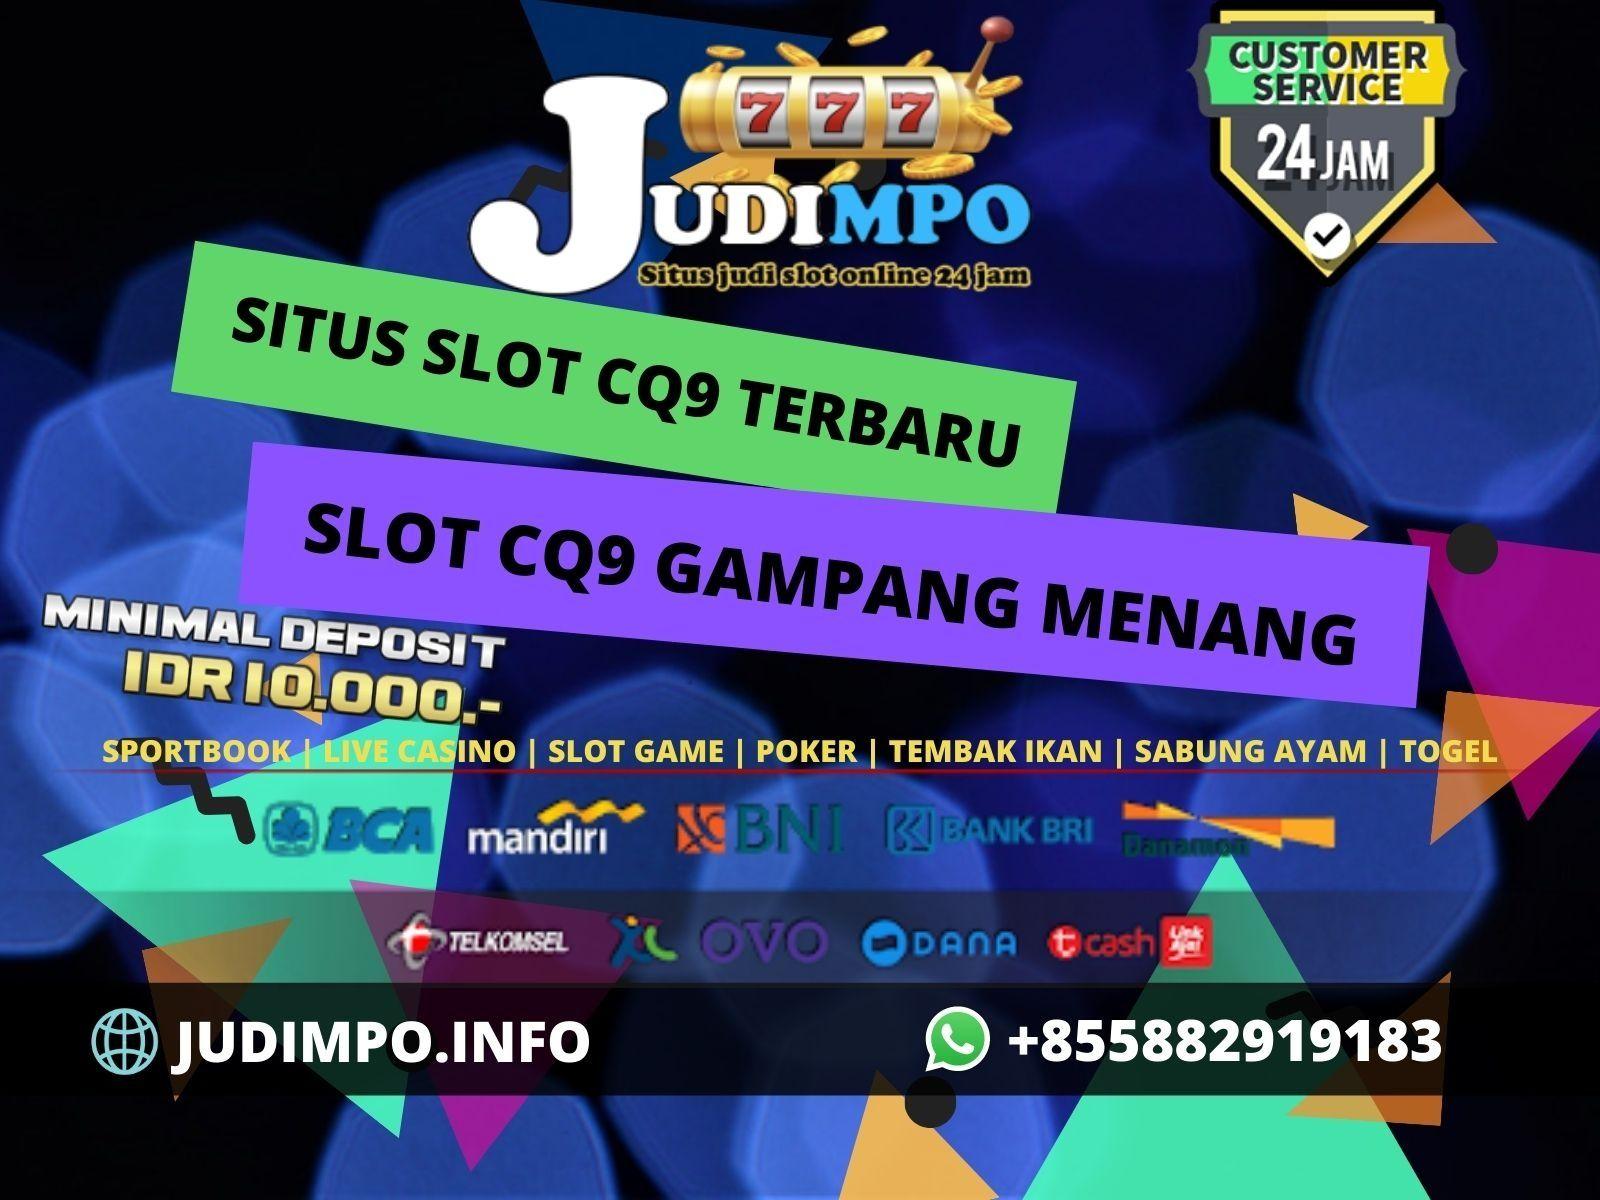 Daftar Slot Cq9 Gampang Menang Slot Slot Online Slots Games